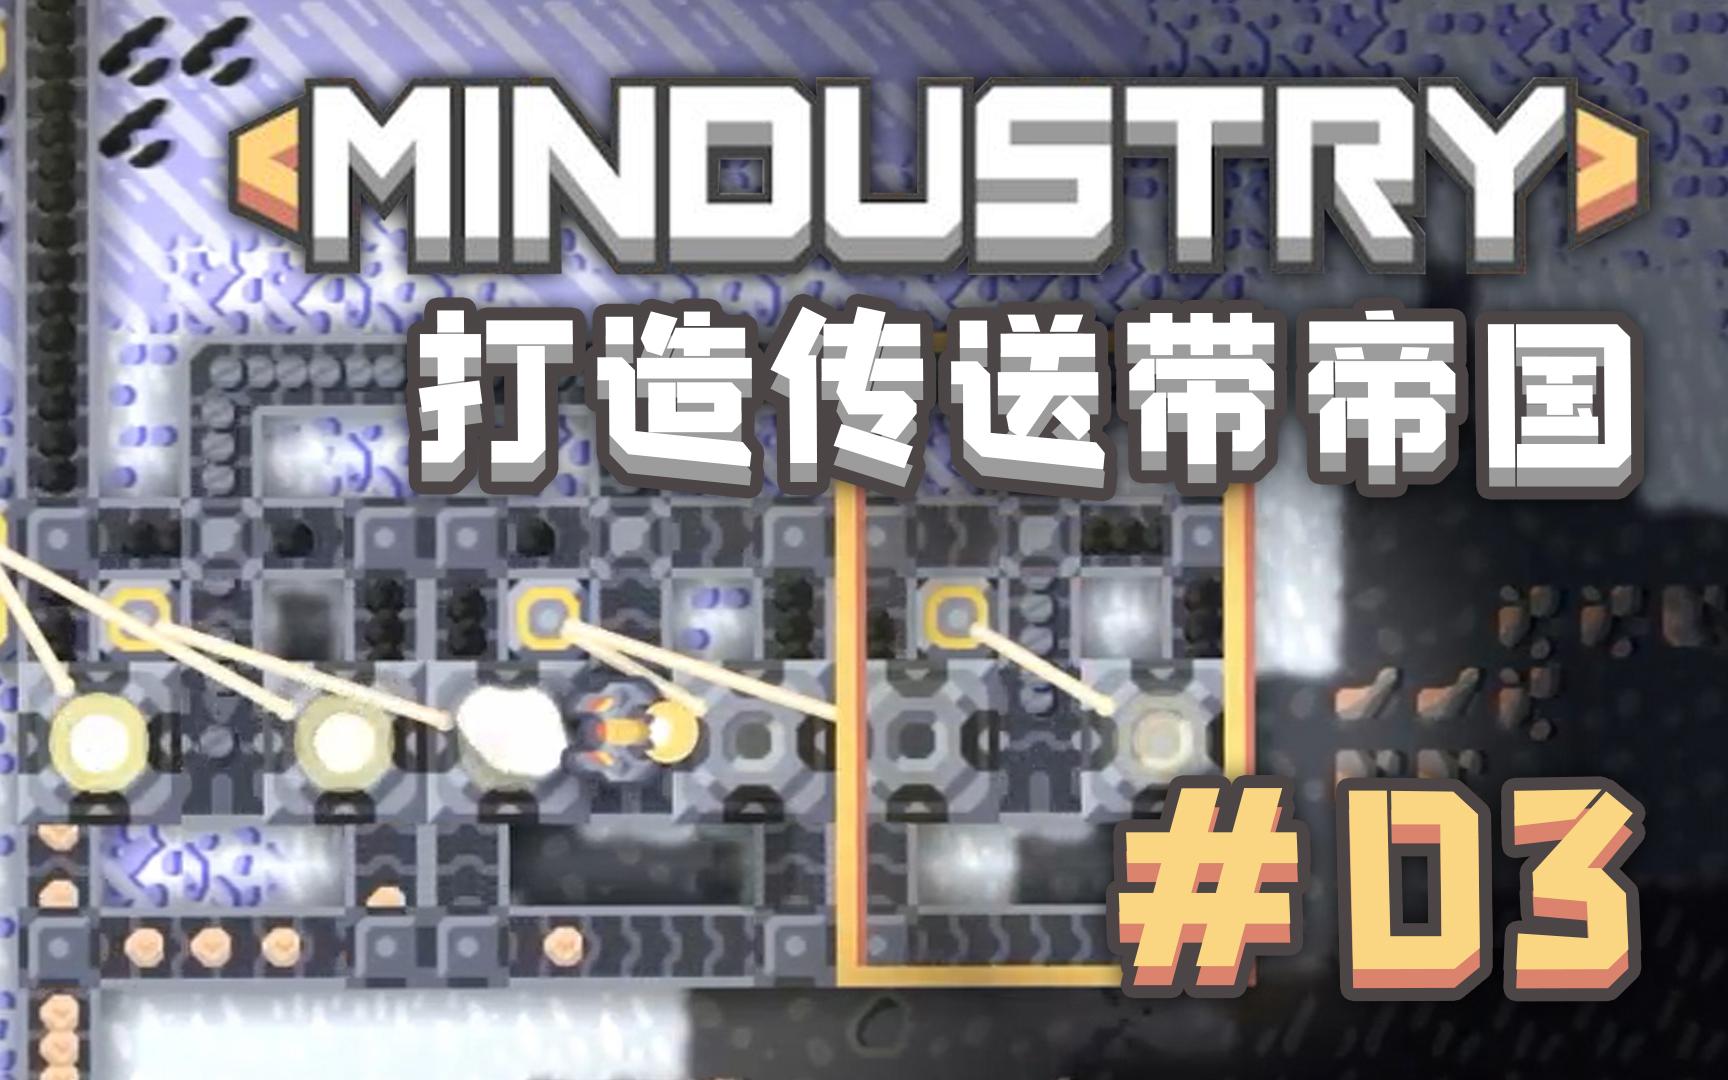 【独家】闪电链攻击塔太强了!打造模块化流水线!经典独立游戏《Mindustry》#03【QPC】